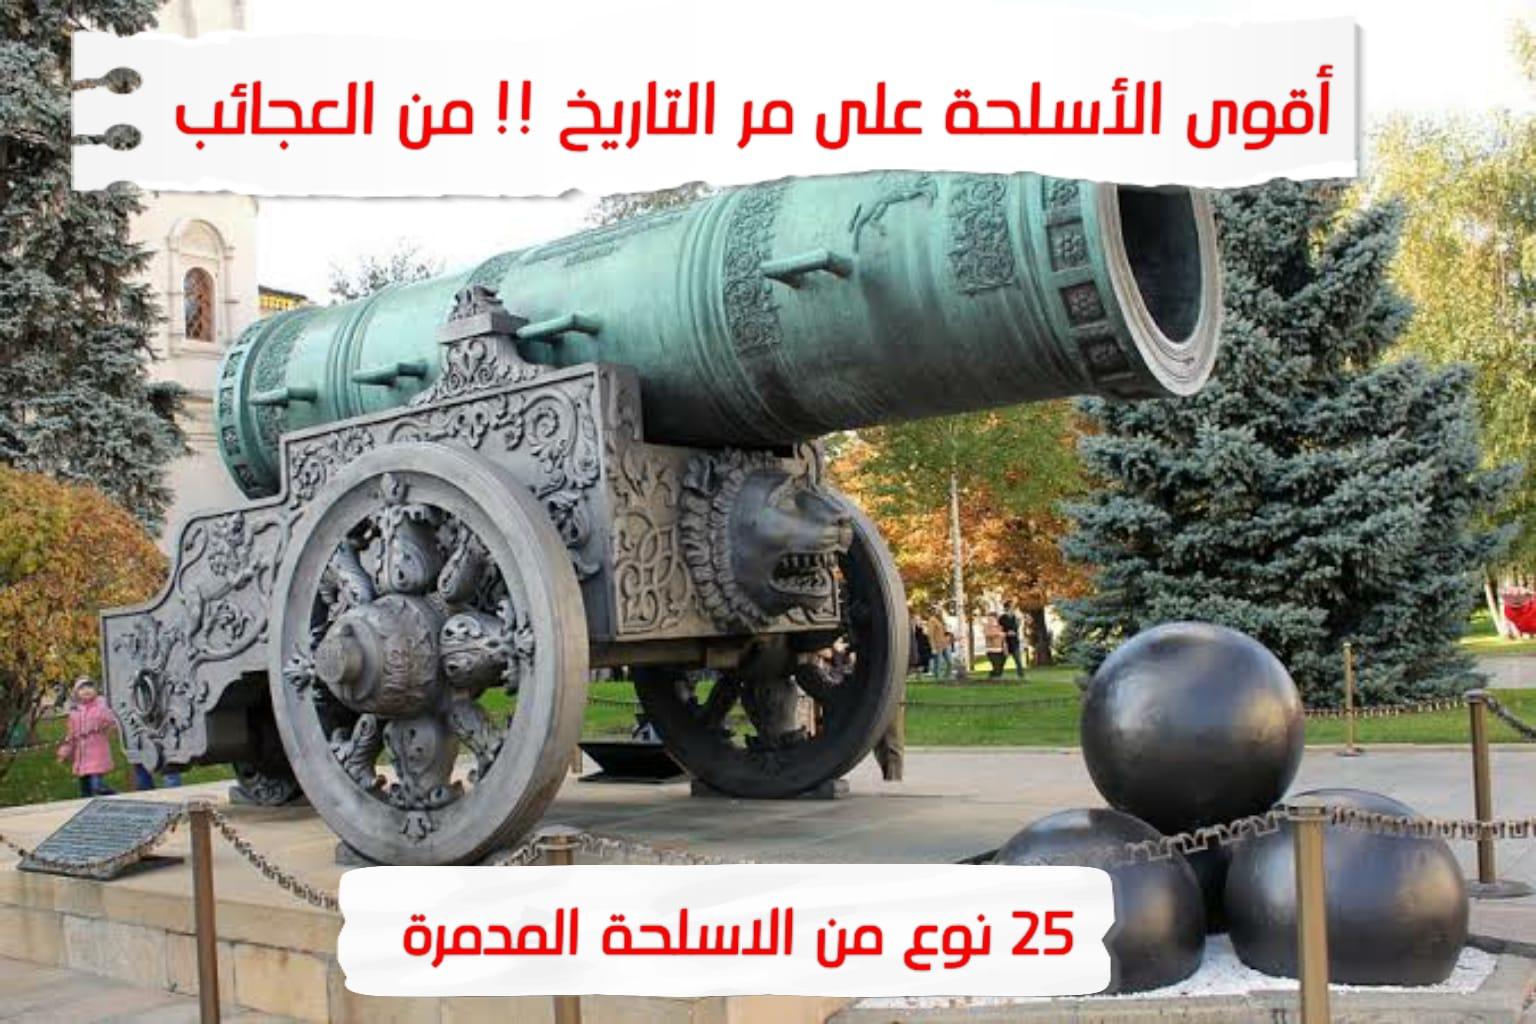 اقوى الاسلحة في العالم